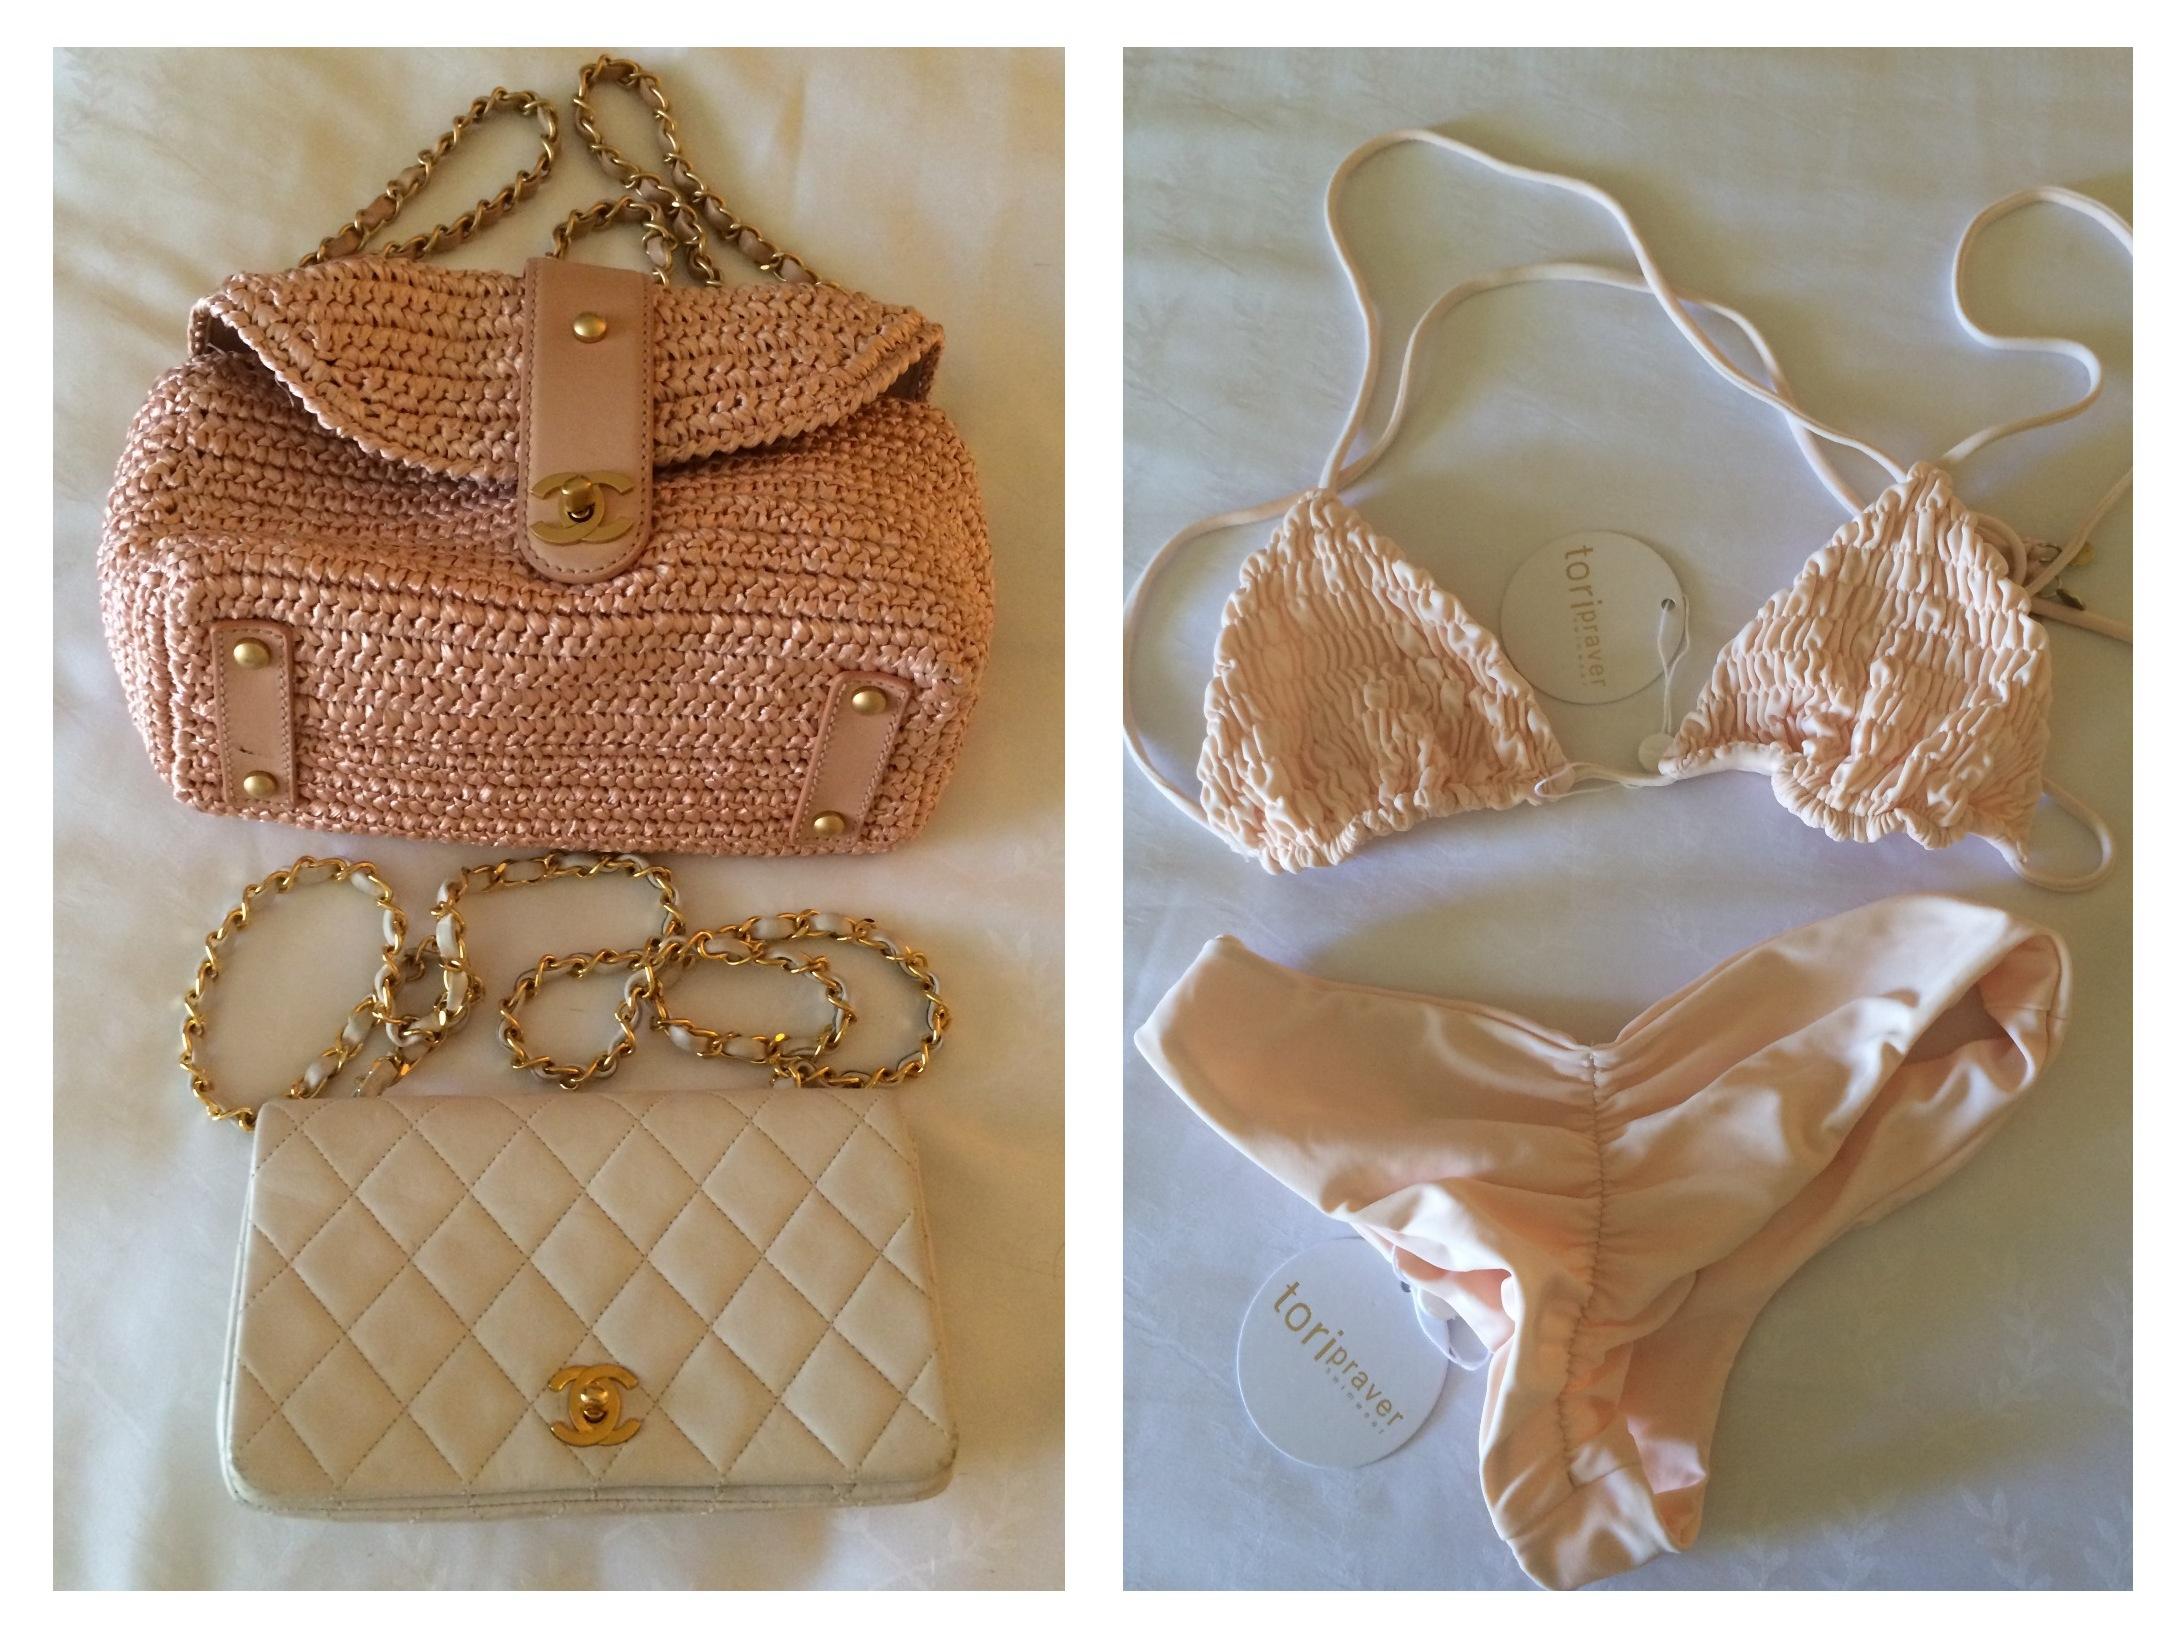 Vintage Chanel Bags  Tori Praver  Bikini